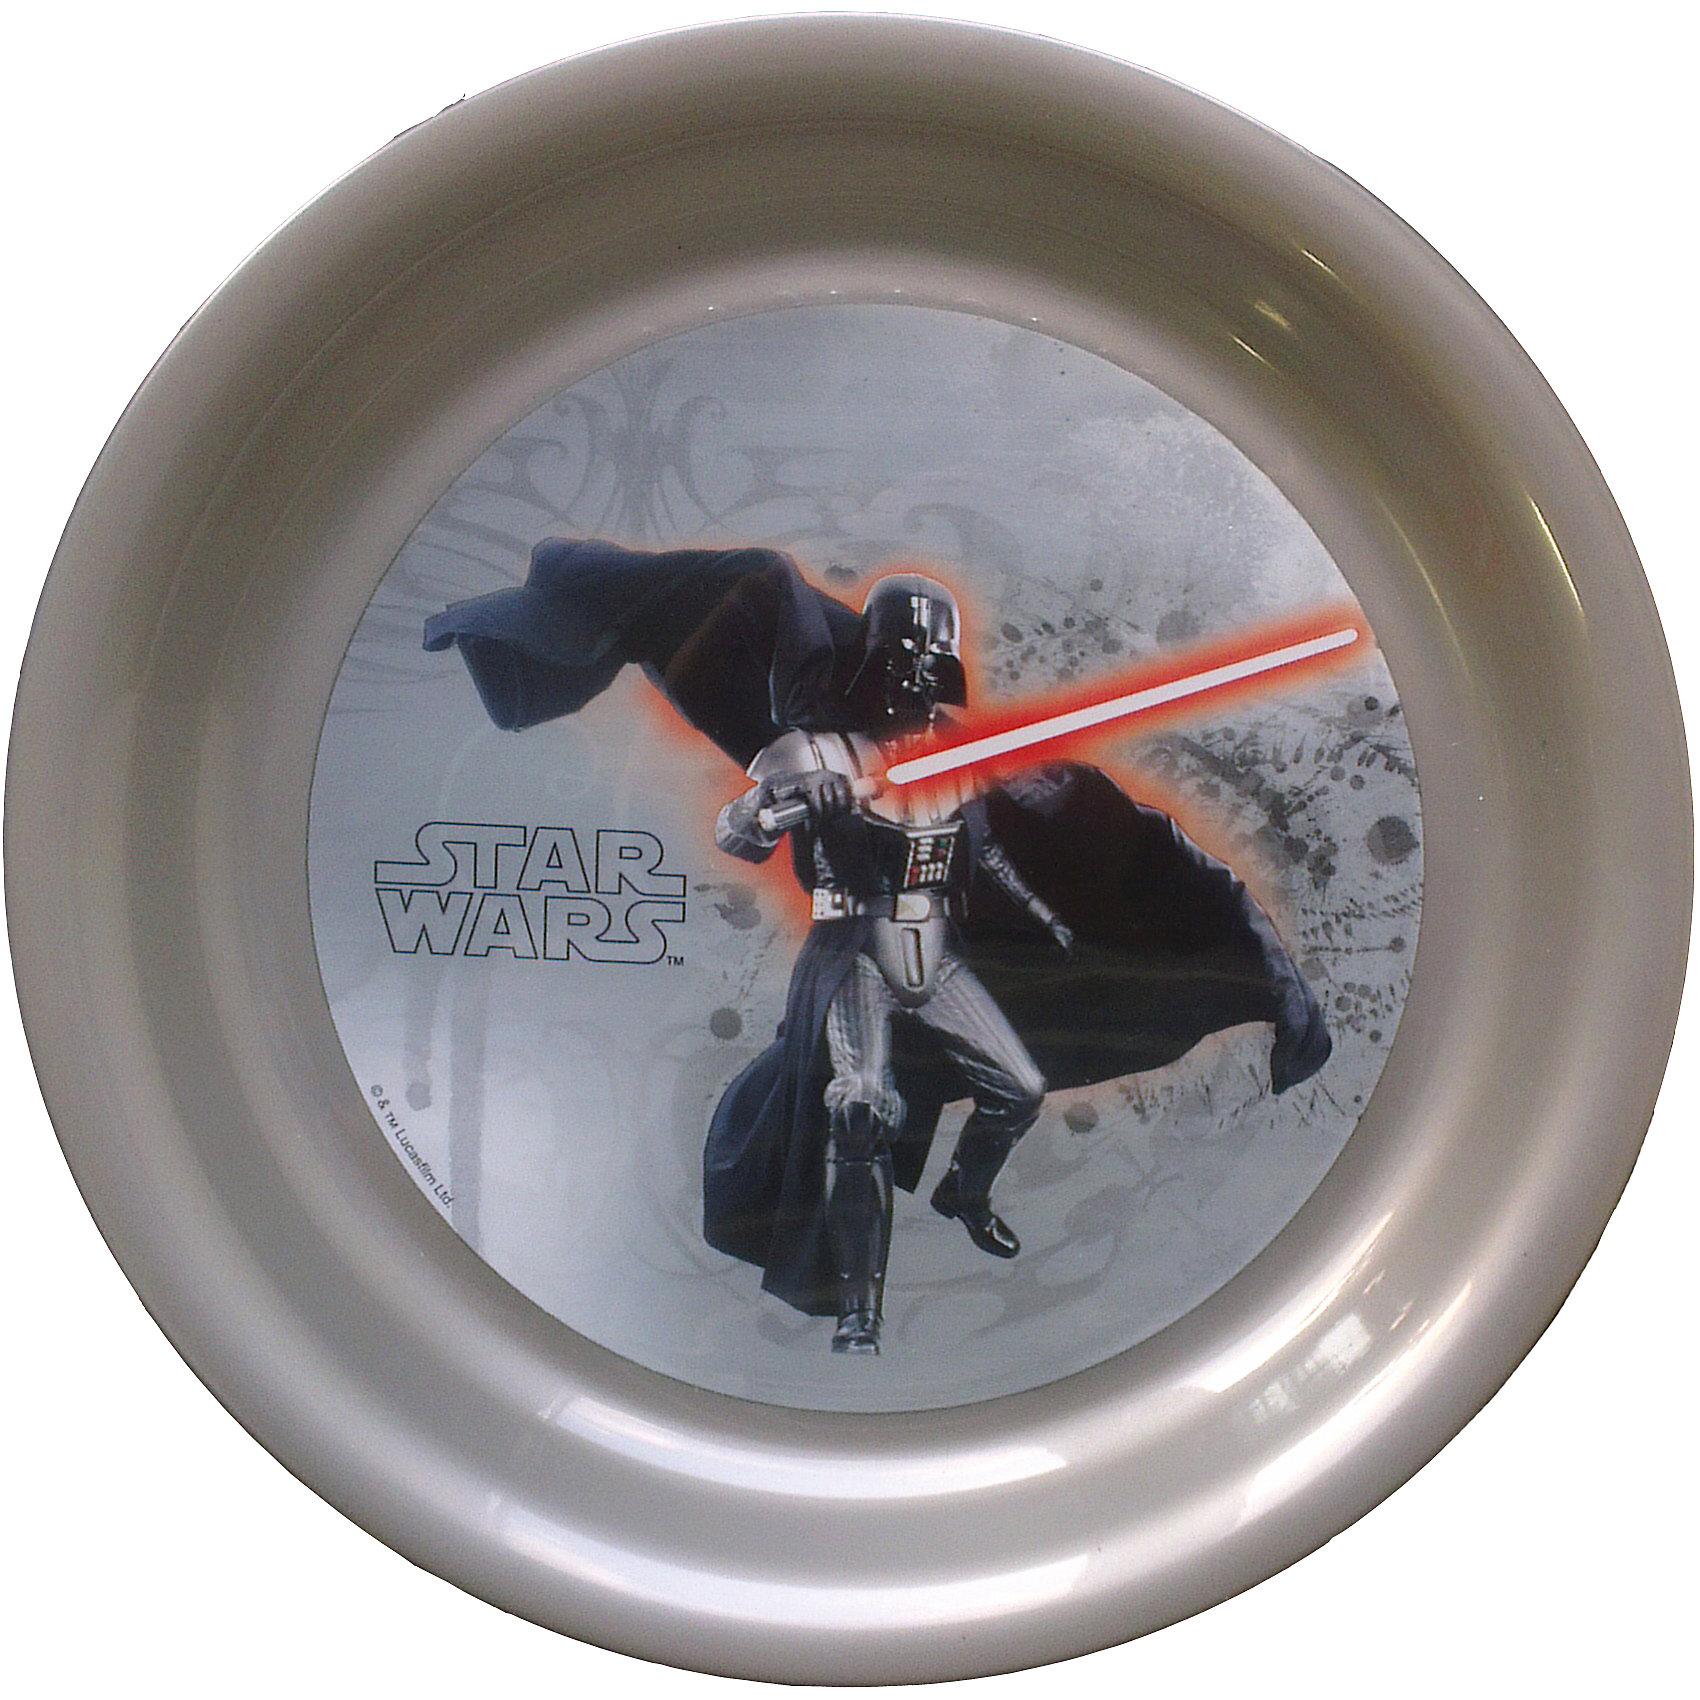 Тарелка Дарт Вейдер (диаметр 19 см), Звездные войныТарелка Дарт Вейдер (диаметр 19 см), Звездные войны – это отличный подарок для фаната вселенной Star Wars.<br>Тарелка Дарт Вейдер, Звездные войны выполнена из полипропилена и оформлена рисунком с изображением Дарта Вейдера, вооруженного световым мечом. Не подходит для использования в посудомоечной машине и СВЧ-печи.<br><br>Дополнительная информация:<br><br>- Диаметр: 19 см.<br>- Глубина: 2 см.<br>- Материал: полипропилен<br>- Размер упаковки: 19 х 19 х 2 см.<br>- Вес: 45 гр.<br><br>Тарелку Дарт Вейдер (диаметр 19 см), Звездные войны  можно купить в нашем интернет-магазине.<br><br>Ширина мм: 190<br>Глубина мм: 190<br>Высота мм: 20<br>Вес г: 45<br>Возраст от месяцев: 36<br>Возраст до месяцев: 120<br>Пол: Унисекс<br>Возраст: Детский<br>SKU: 4536248